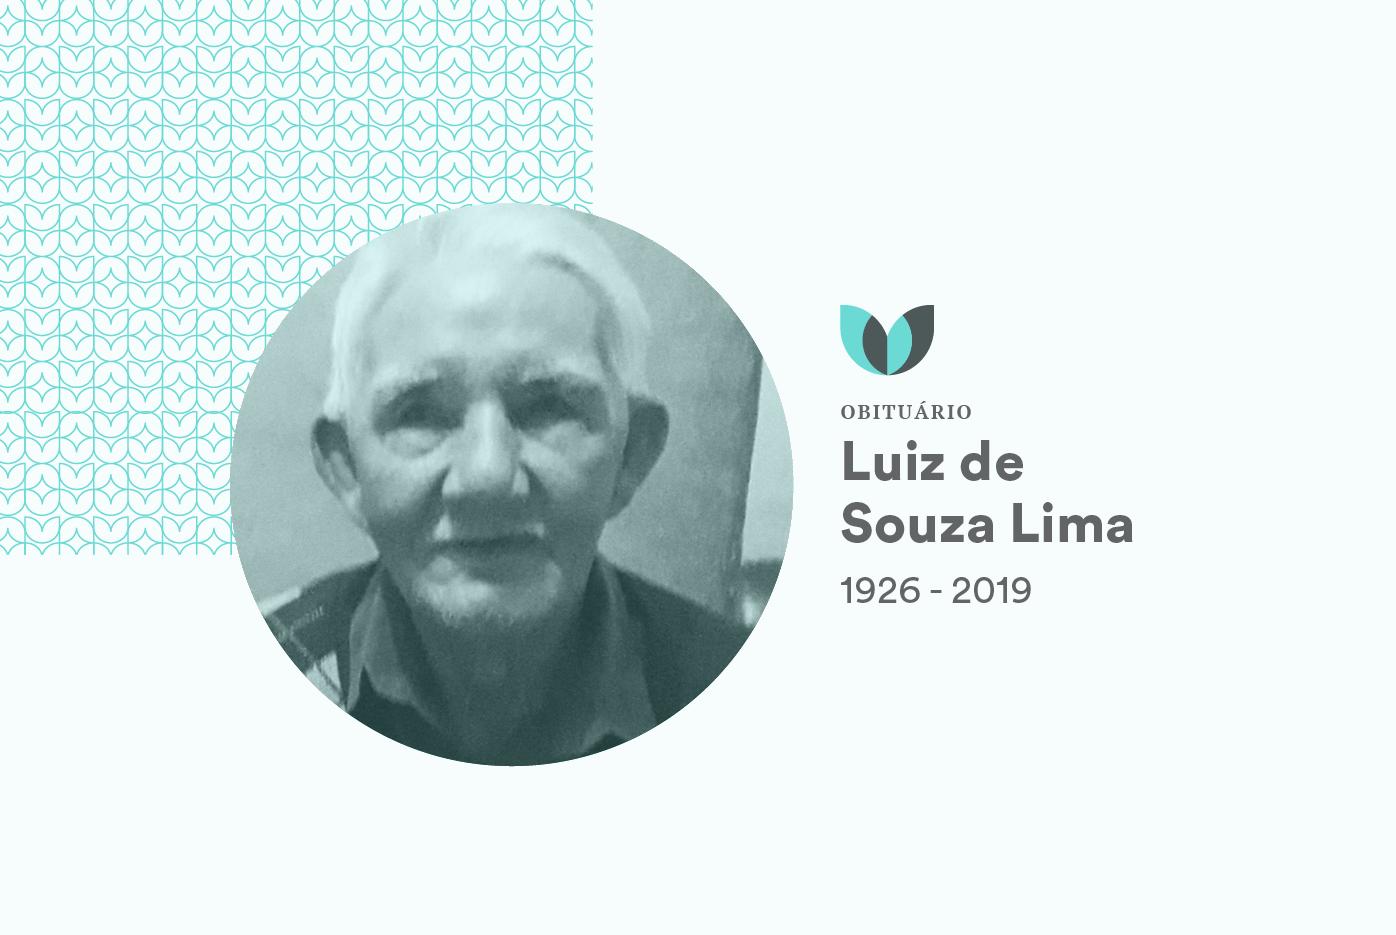 Obituario-Luiz-Squarespace.png